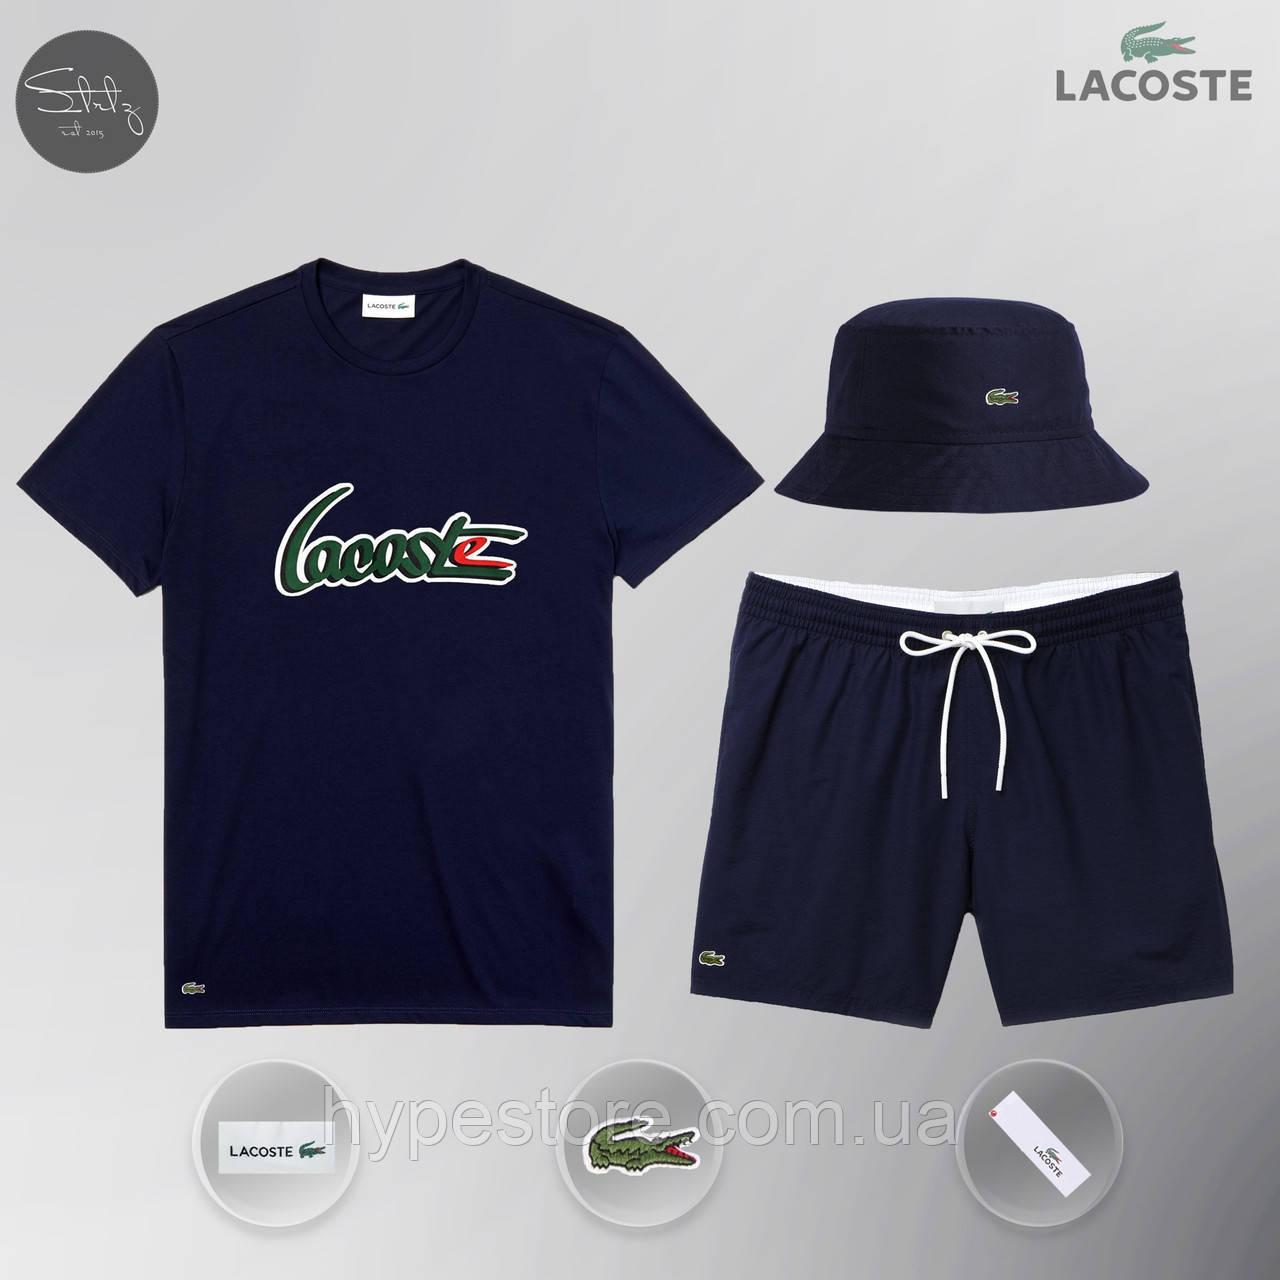 Летний спортивный комплект, мужской пляжный комплект Lacoste, шорты+футболка, панама, ТОП-Реплика